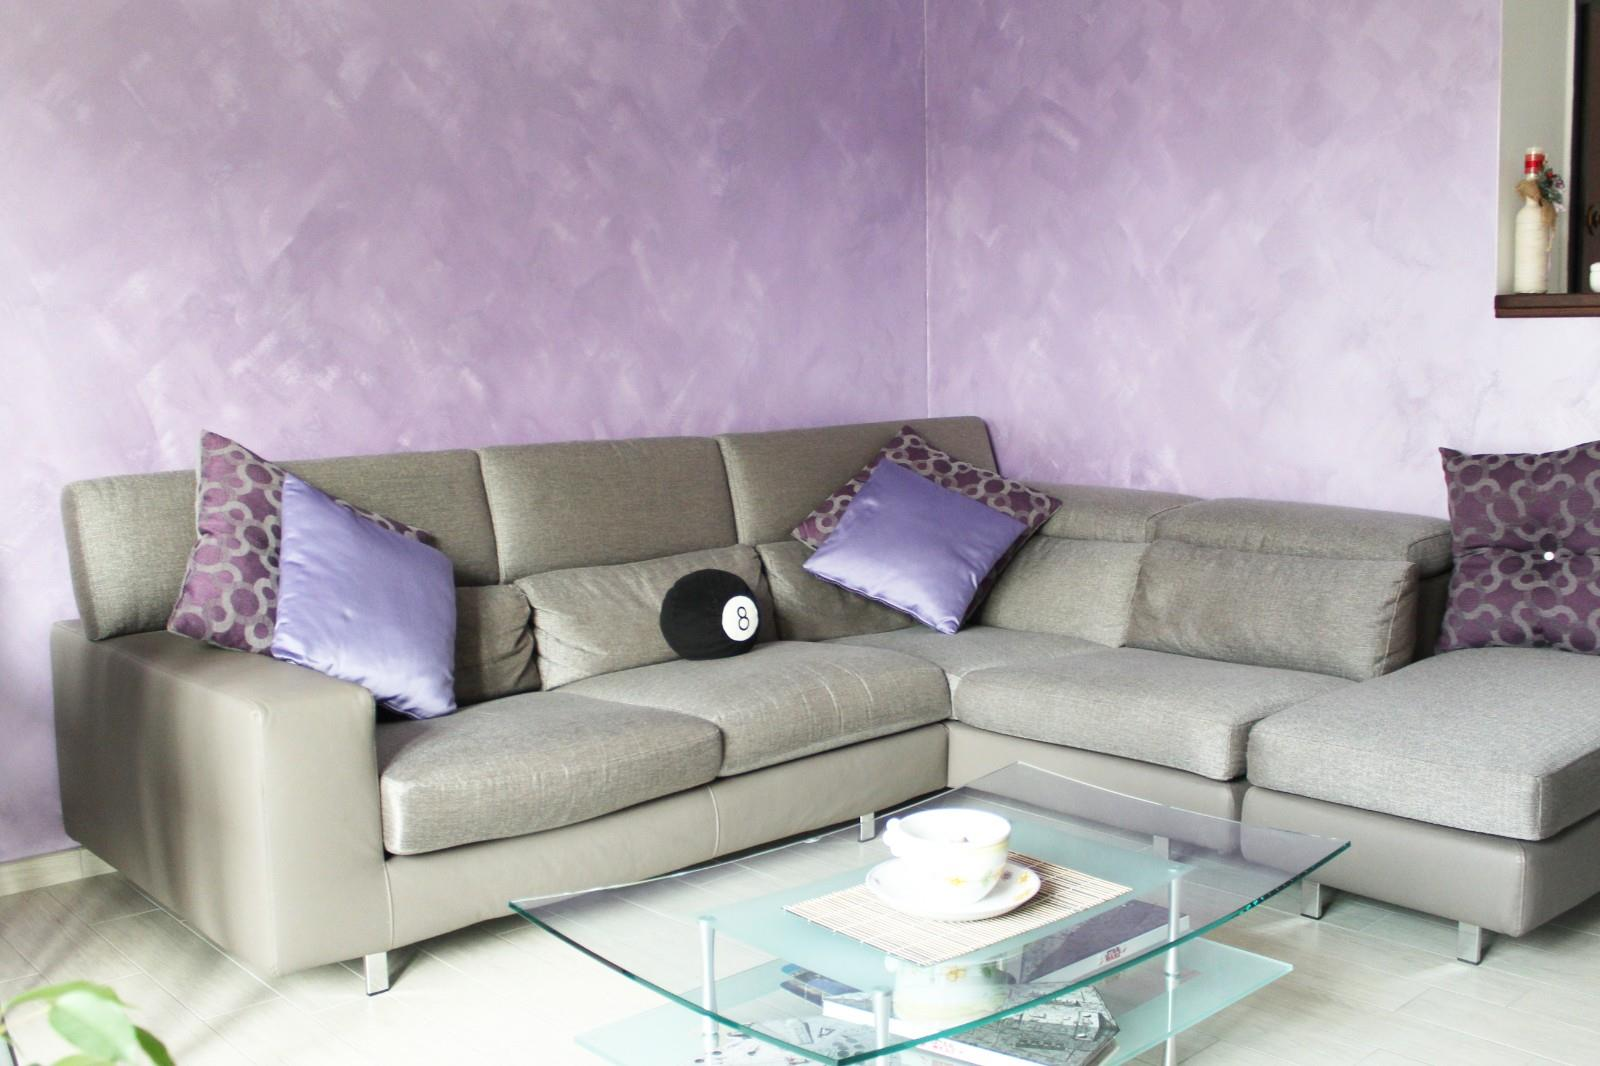 Foto 3 - Appartamento in Vendita - Carate Brianza (Monza e Brianza)